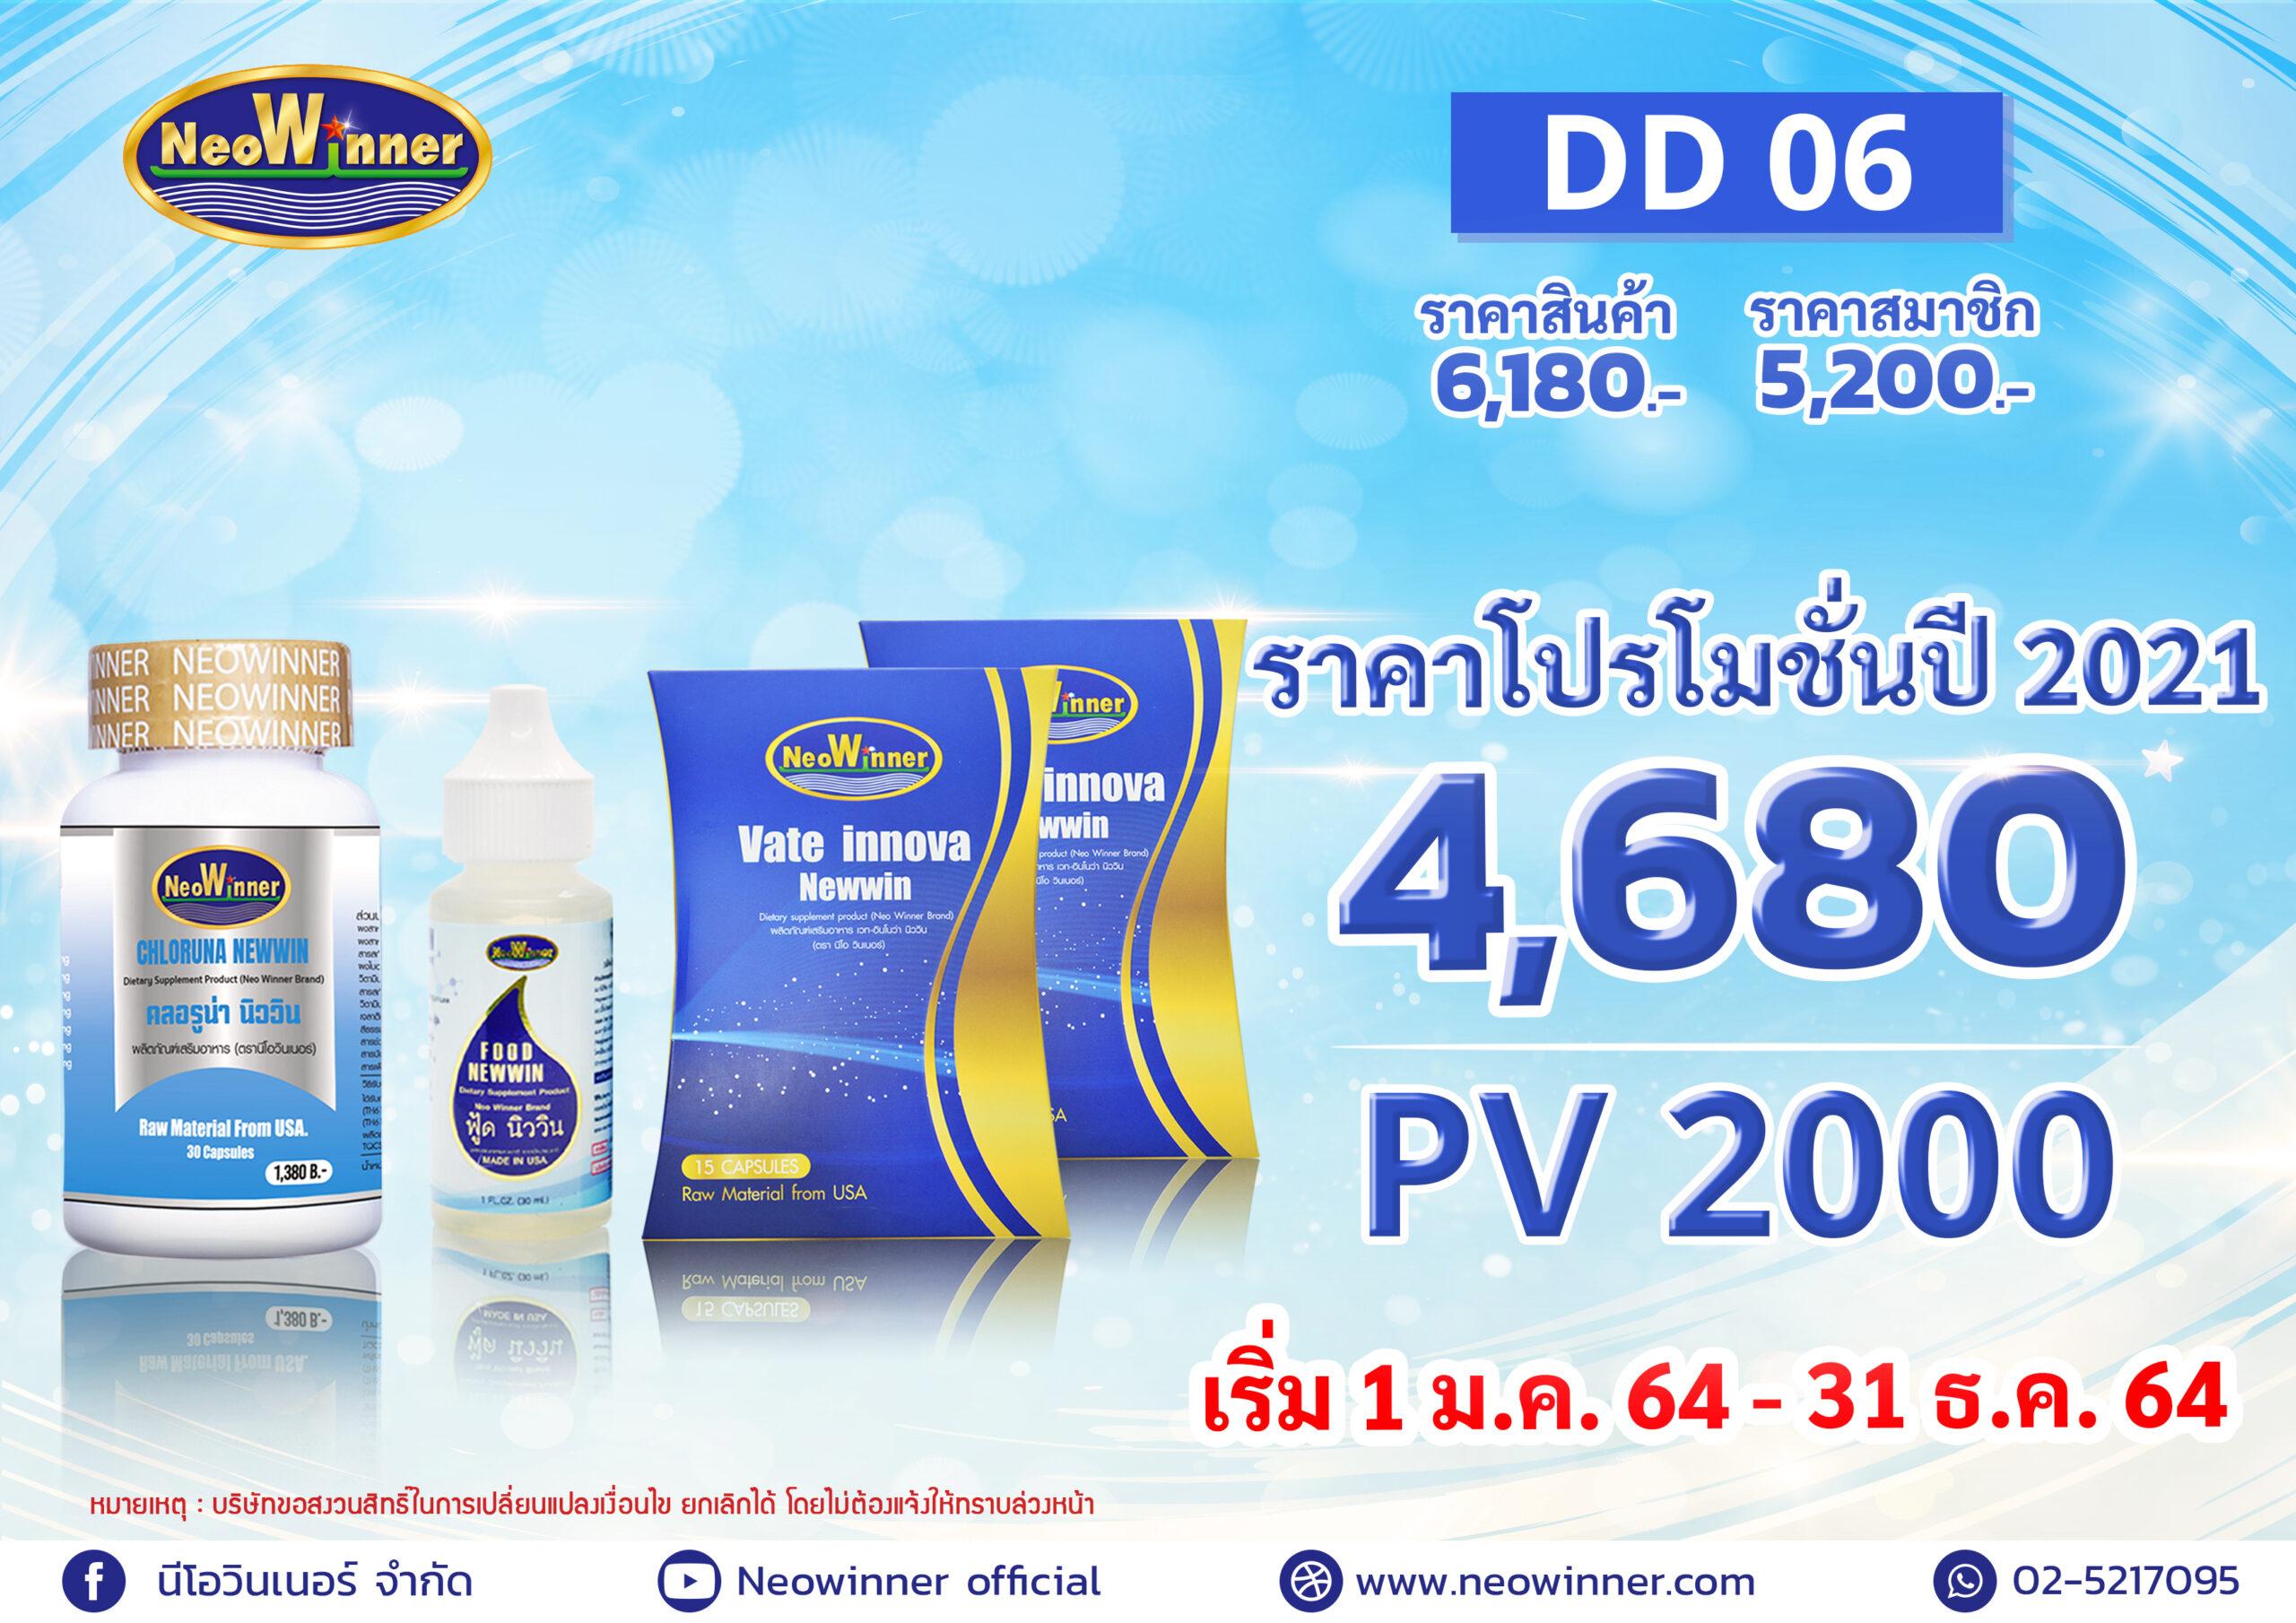 Promotion-DD-06-2021